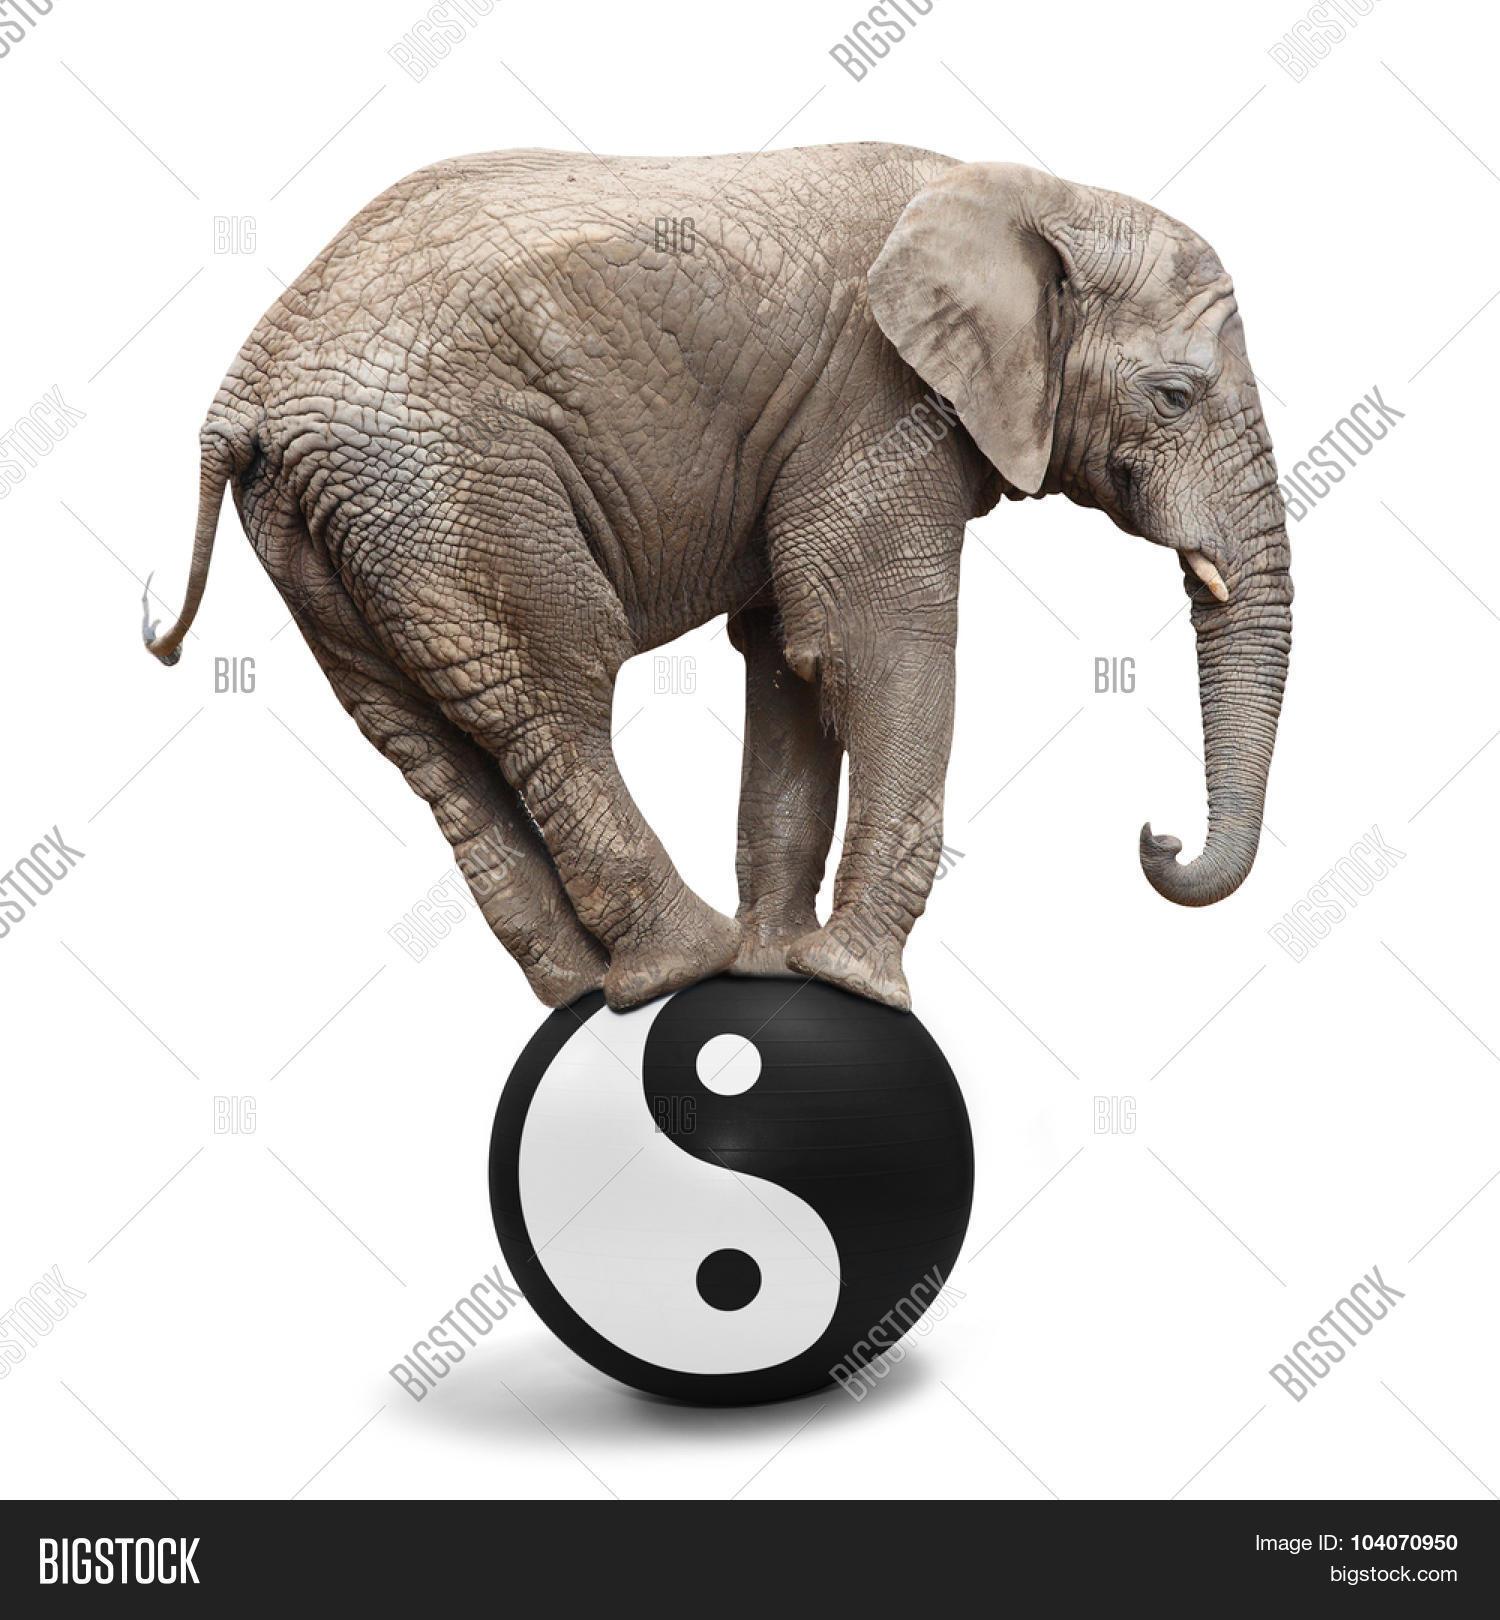 Big elephant balancing on sphere image photo bigstock big elephant balancing on a sphere with ying yang symbol of harmony and balance alternative buycottarizona Images